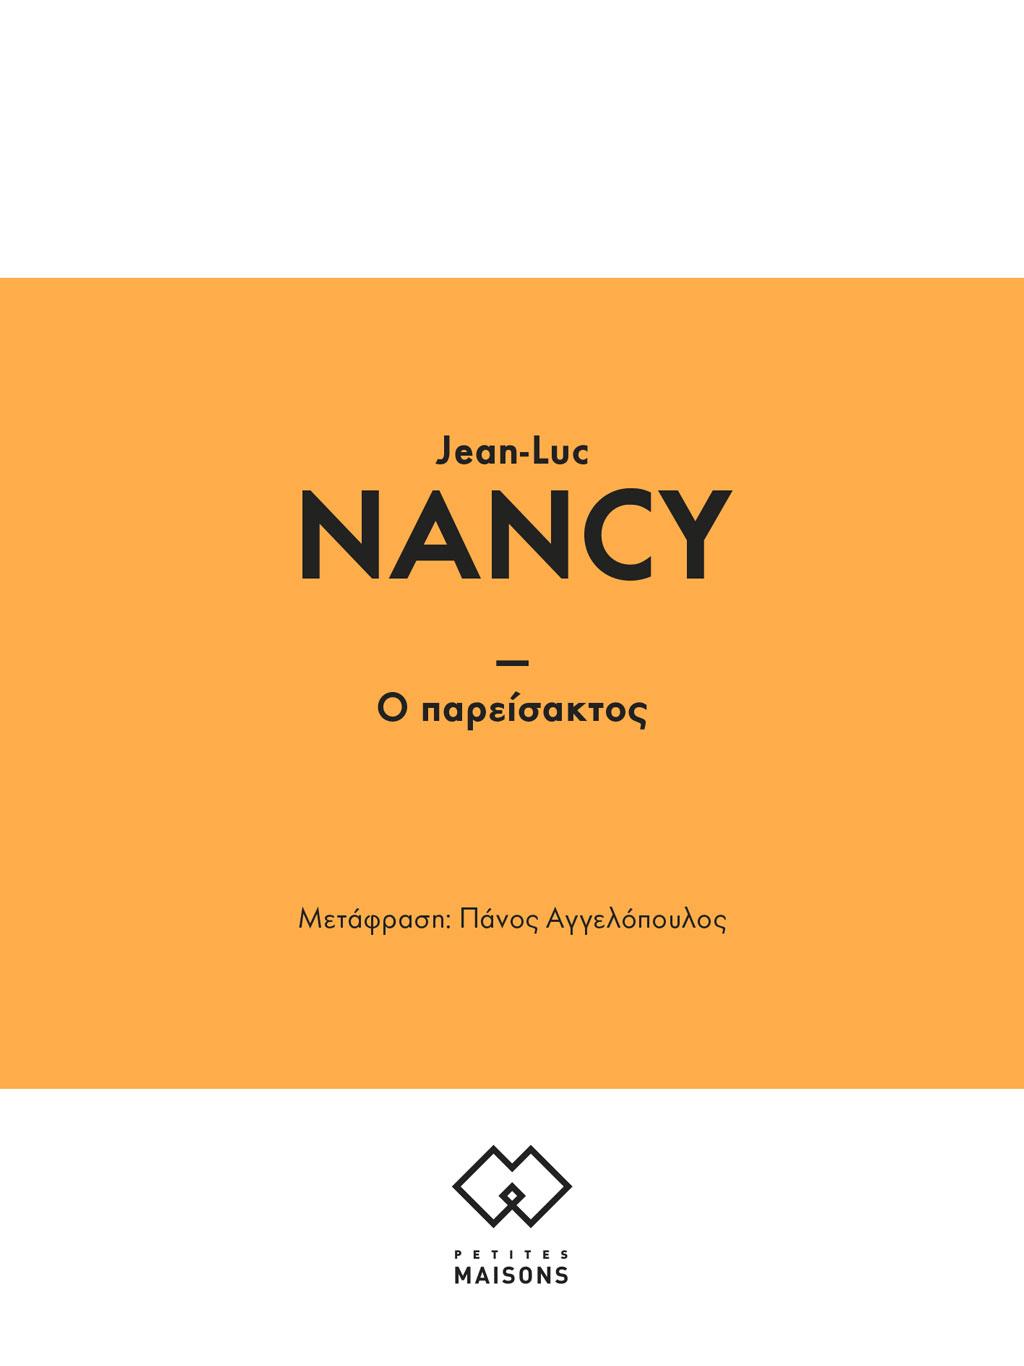 Ο παρείσακτος, , Nancy, Jean - Luc, Petites - Maisons, 2020